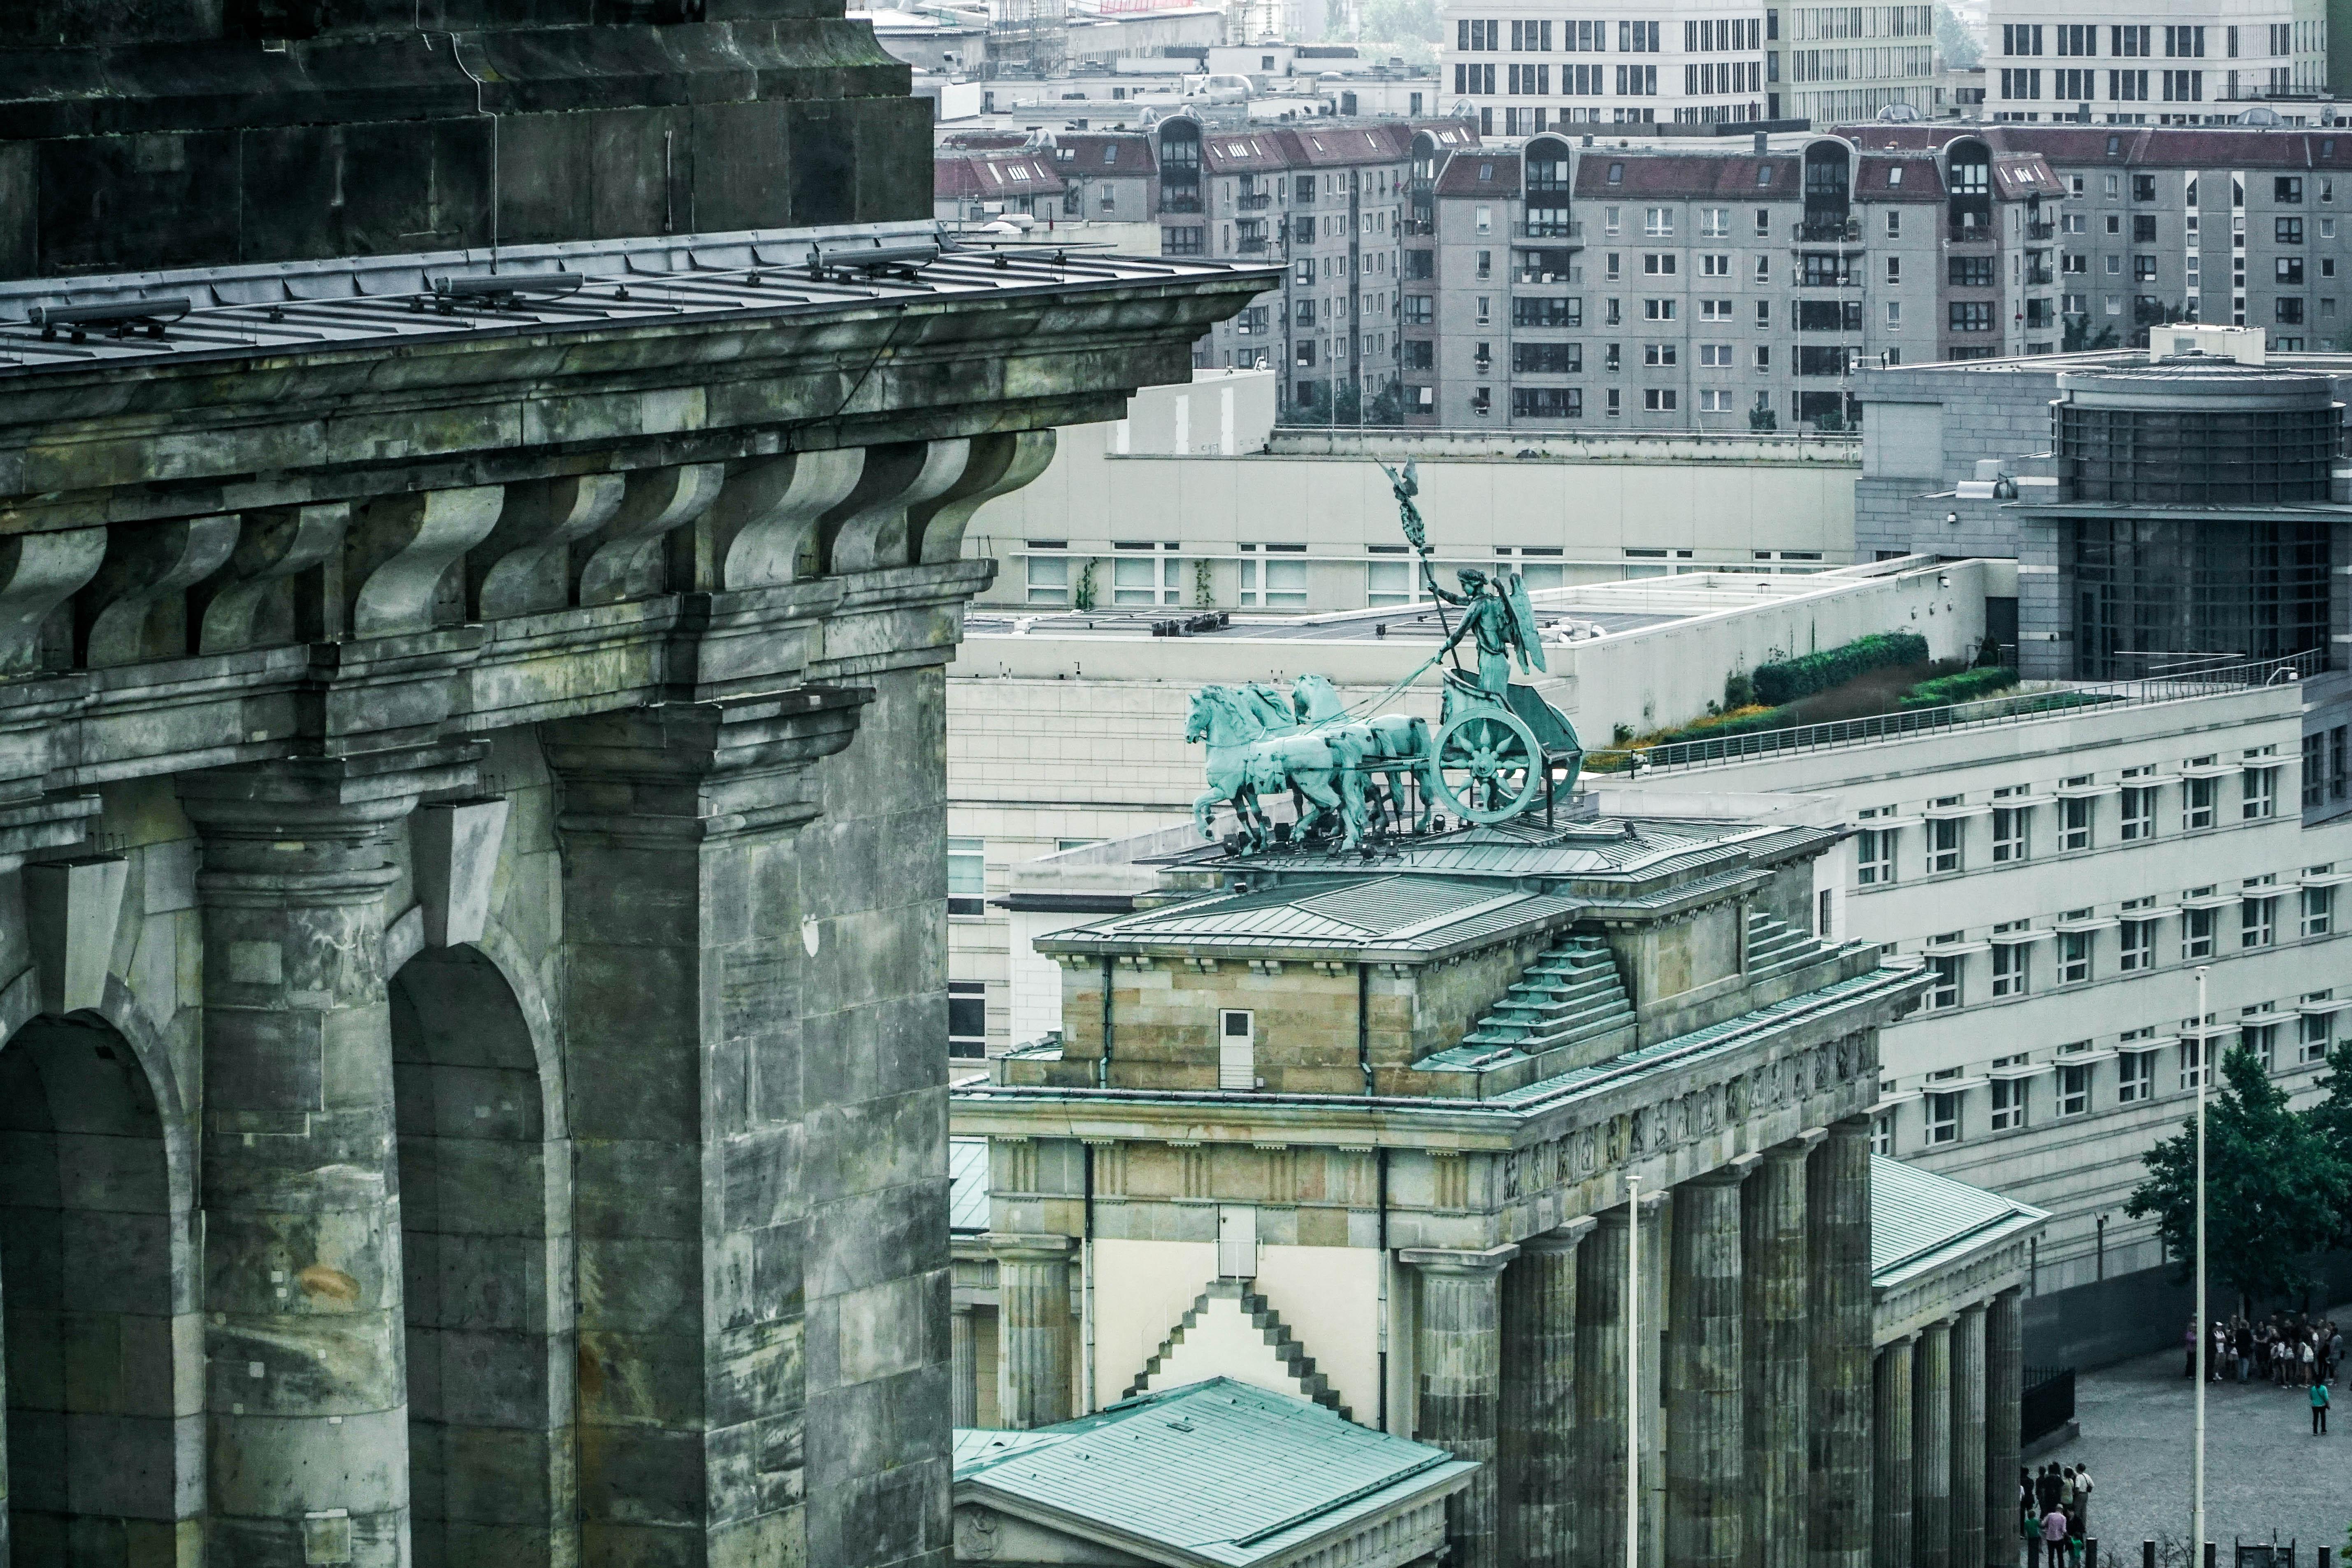 Reichstag Berlin Brandenburg Gate